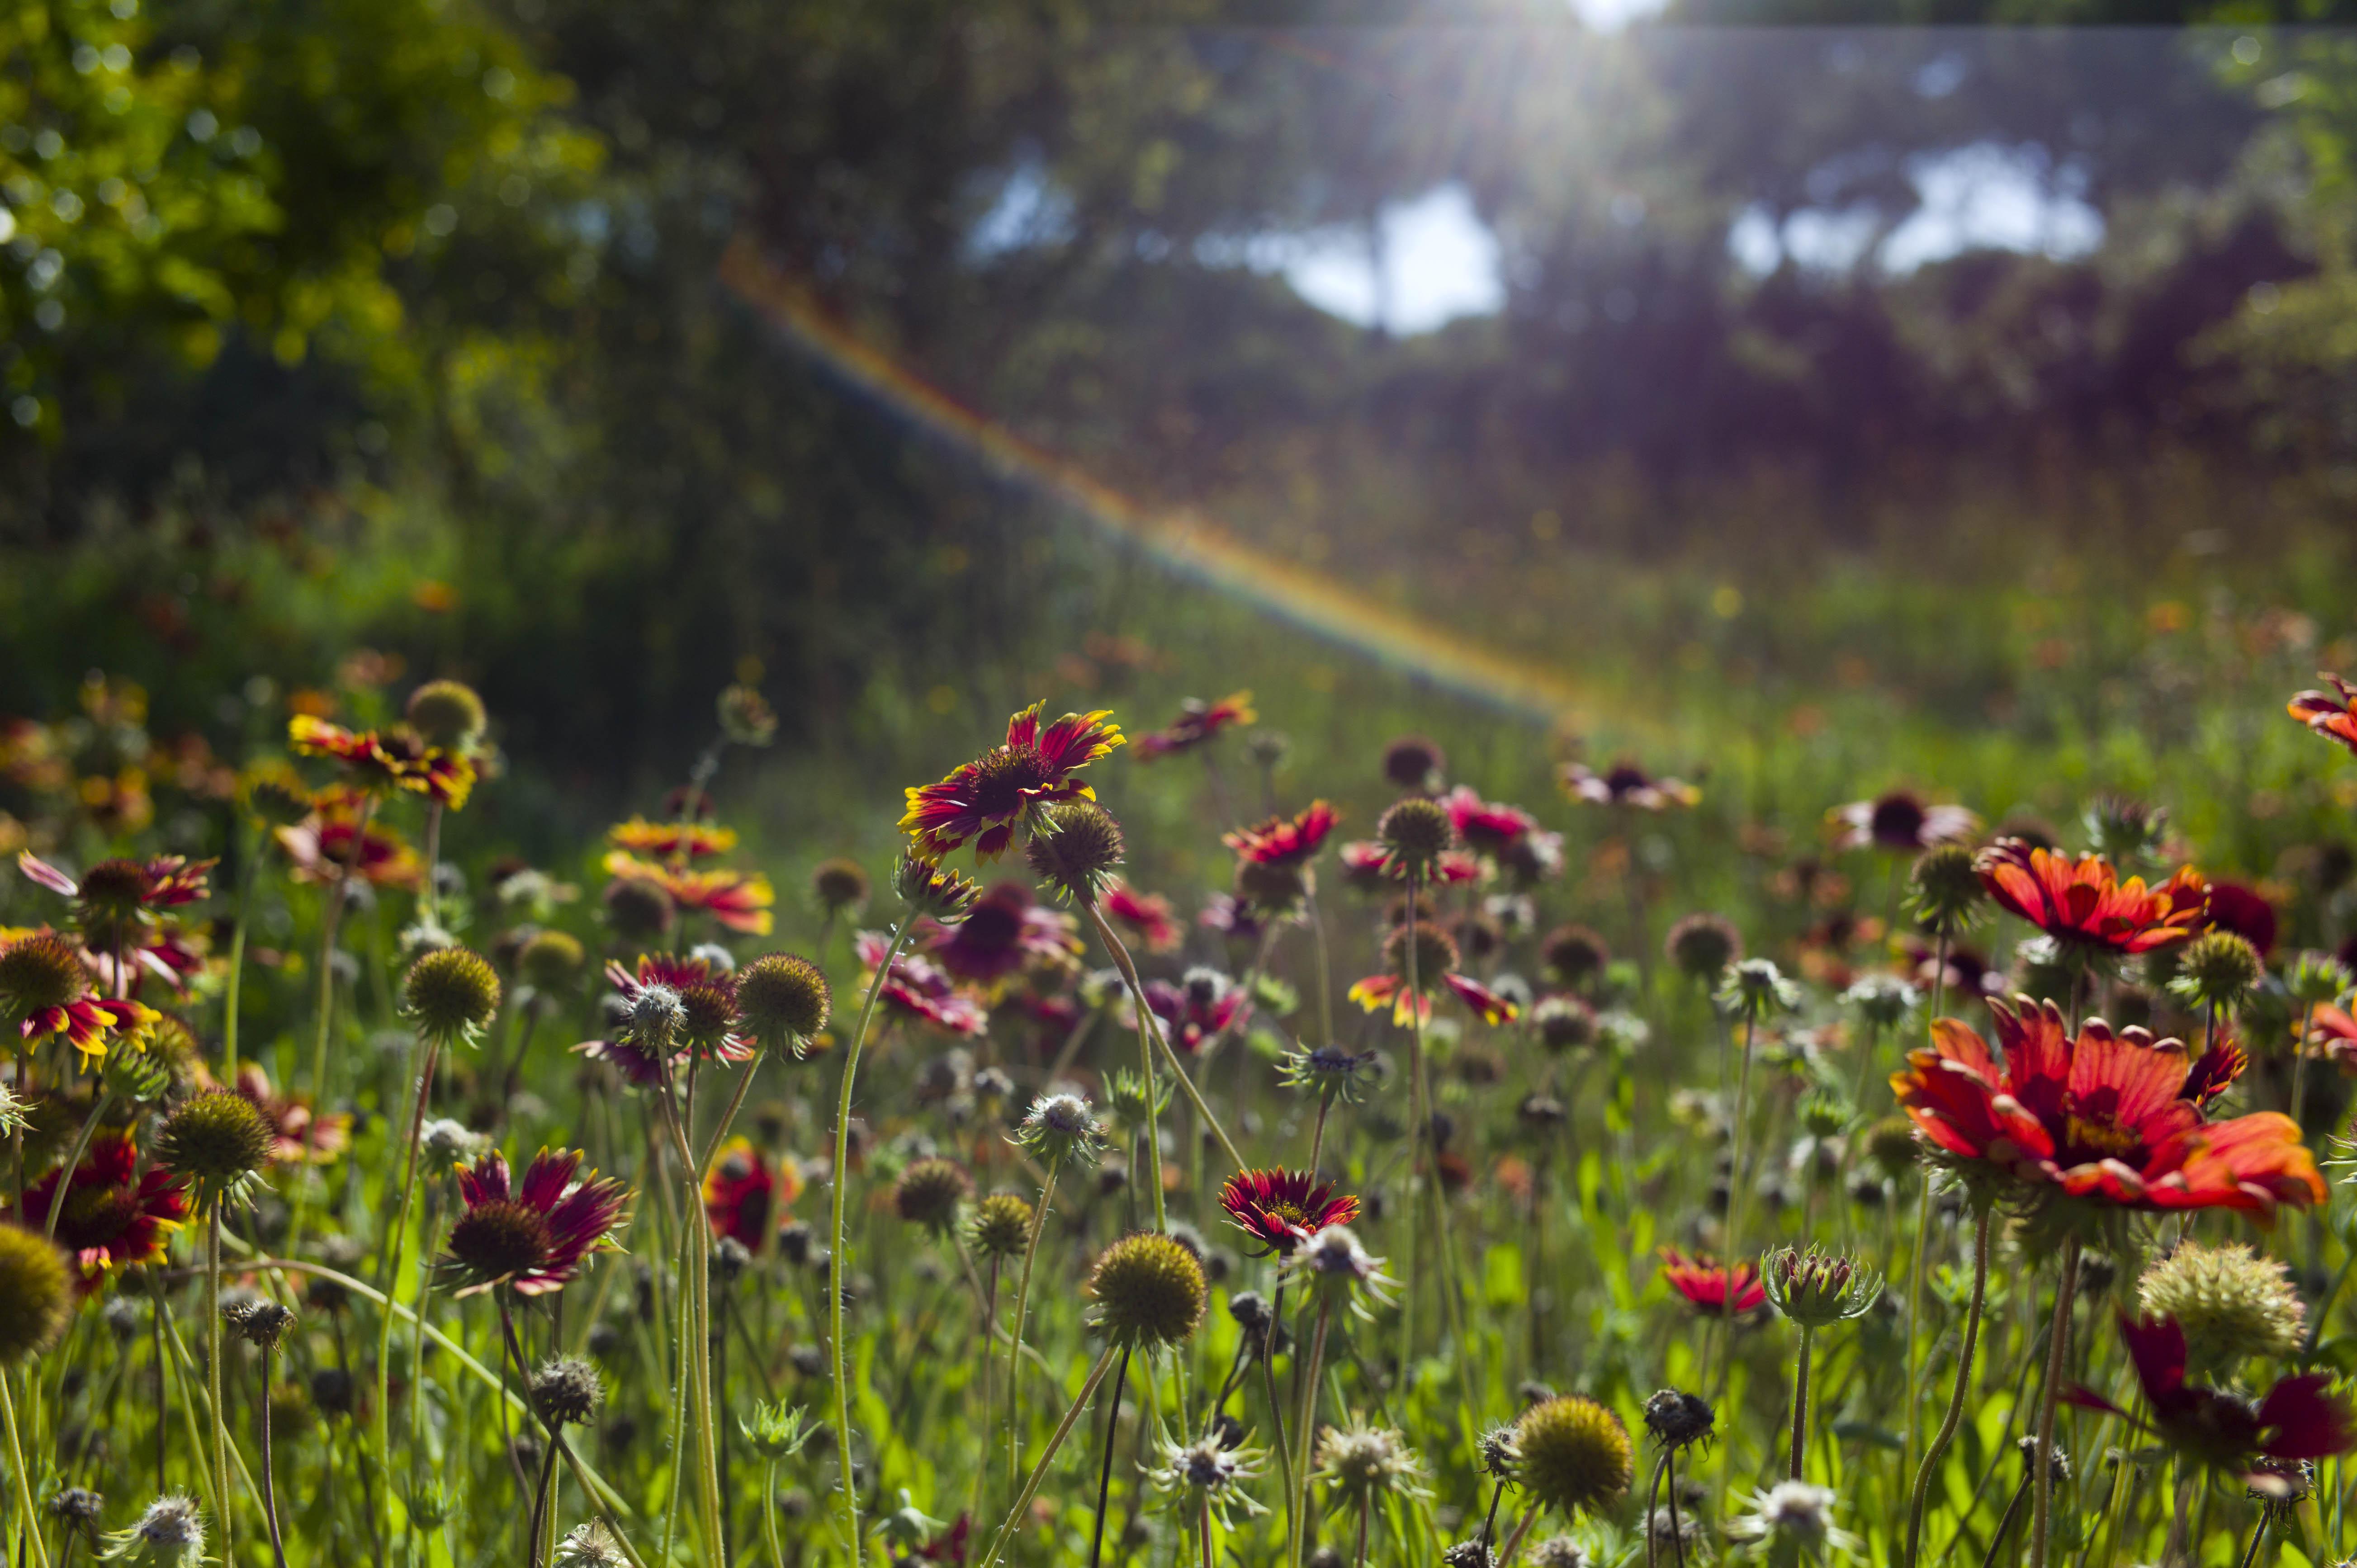 jardins+quinta+do+miguel